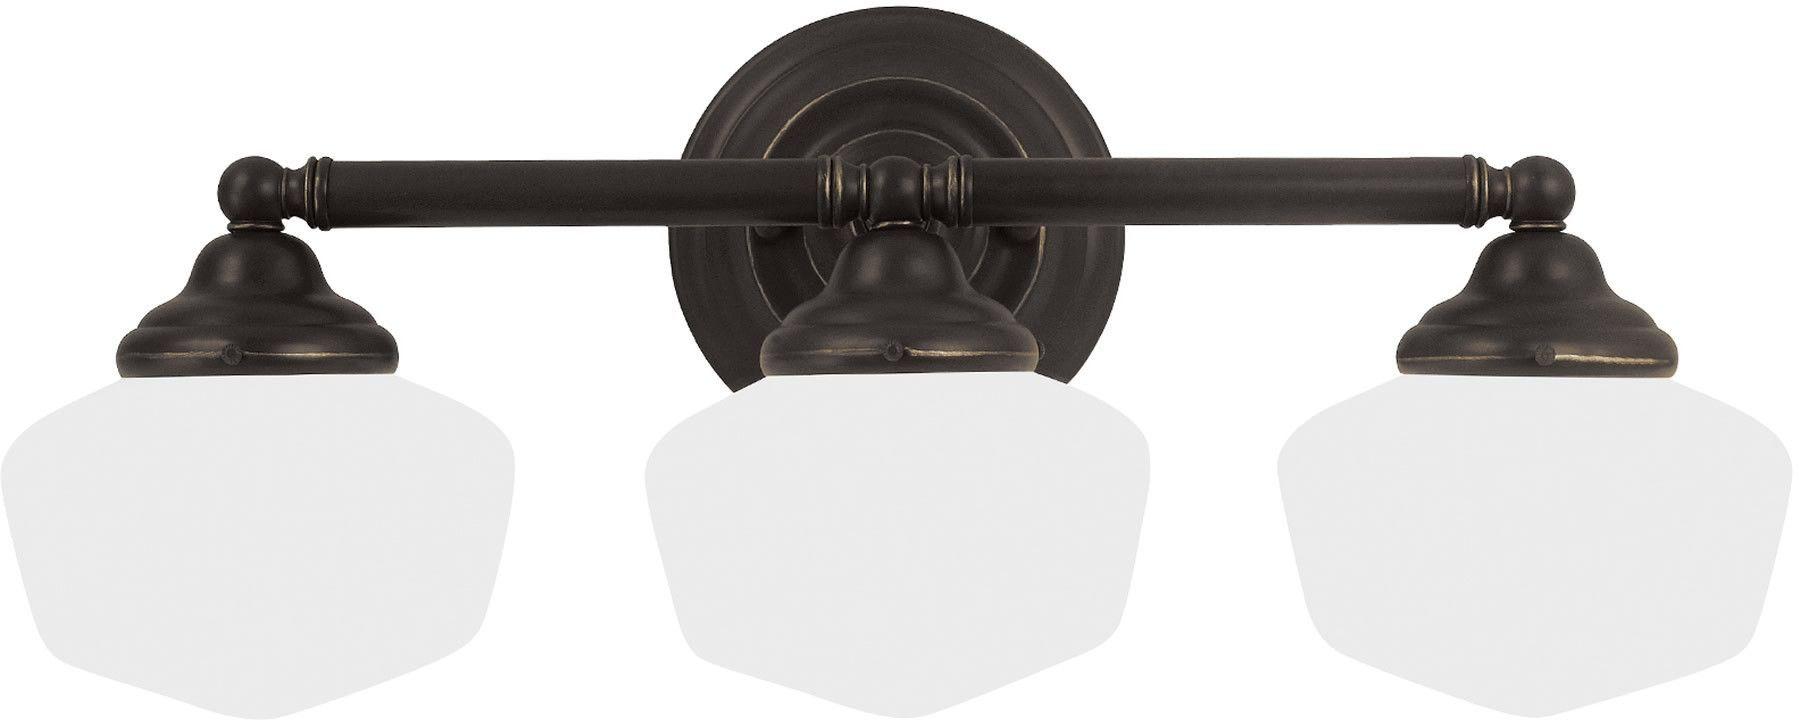 0-018547>Academy 3-Light Bath Vanity Heirloom Bronze